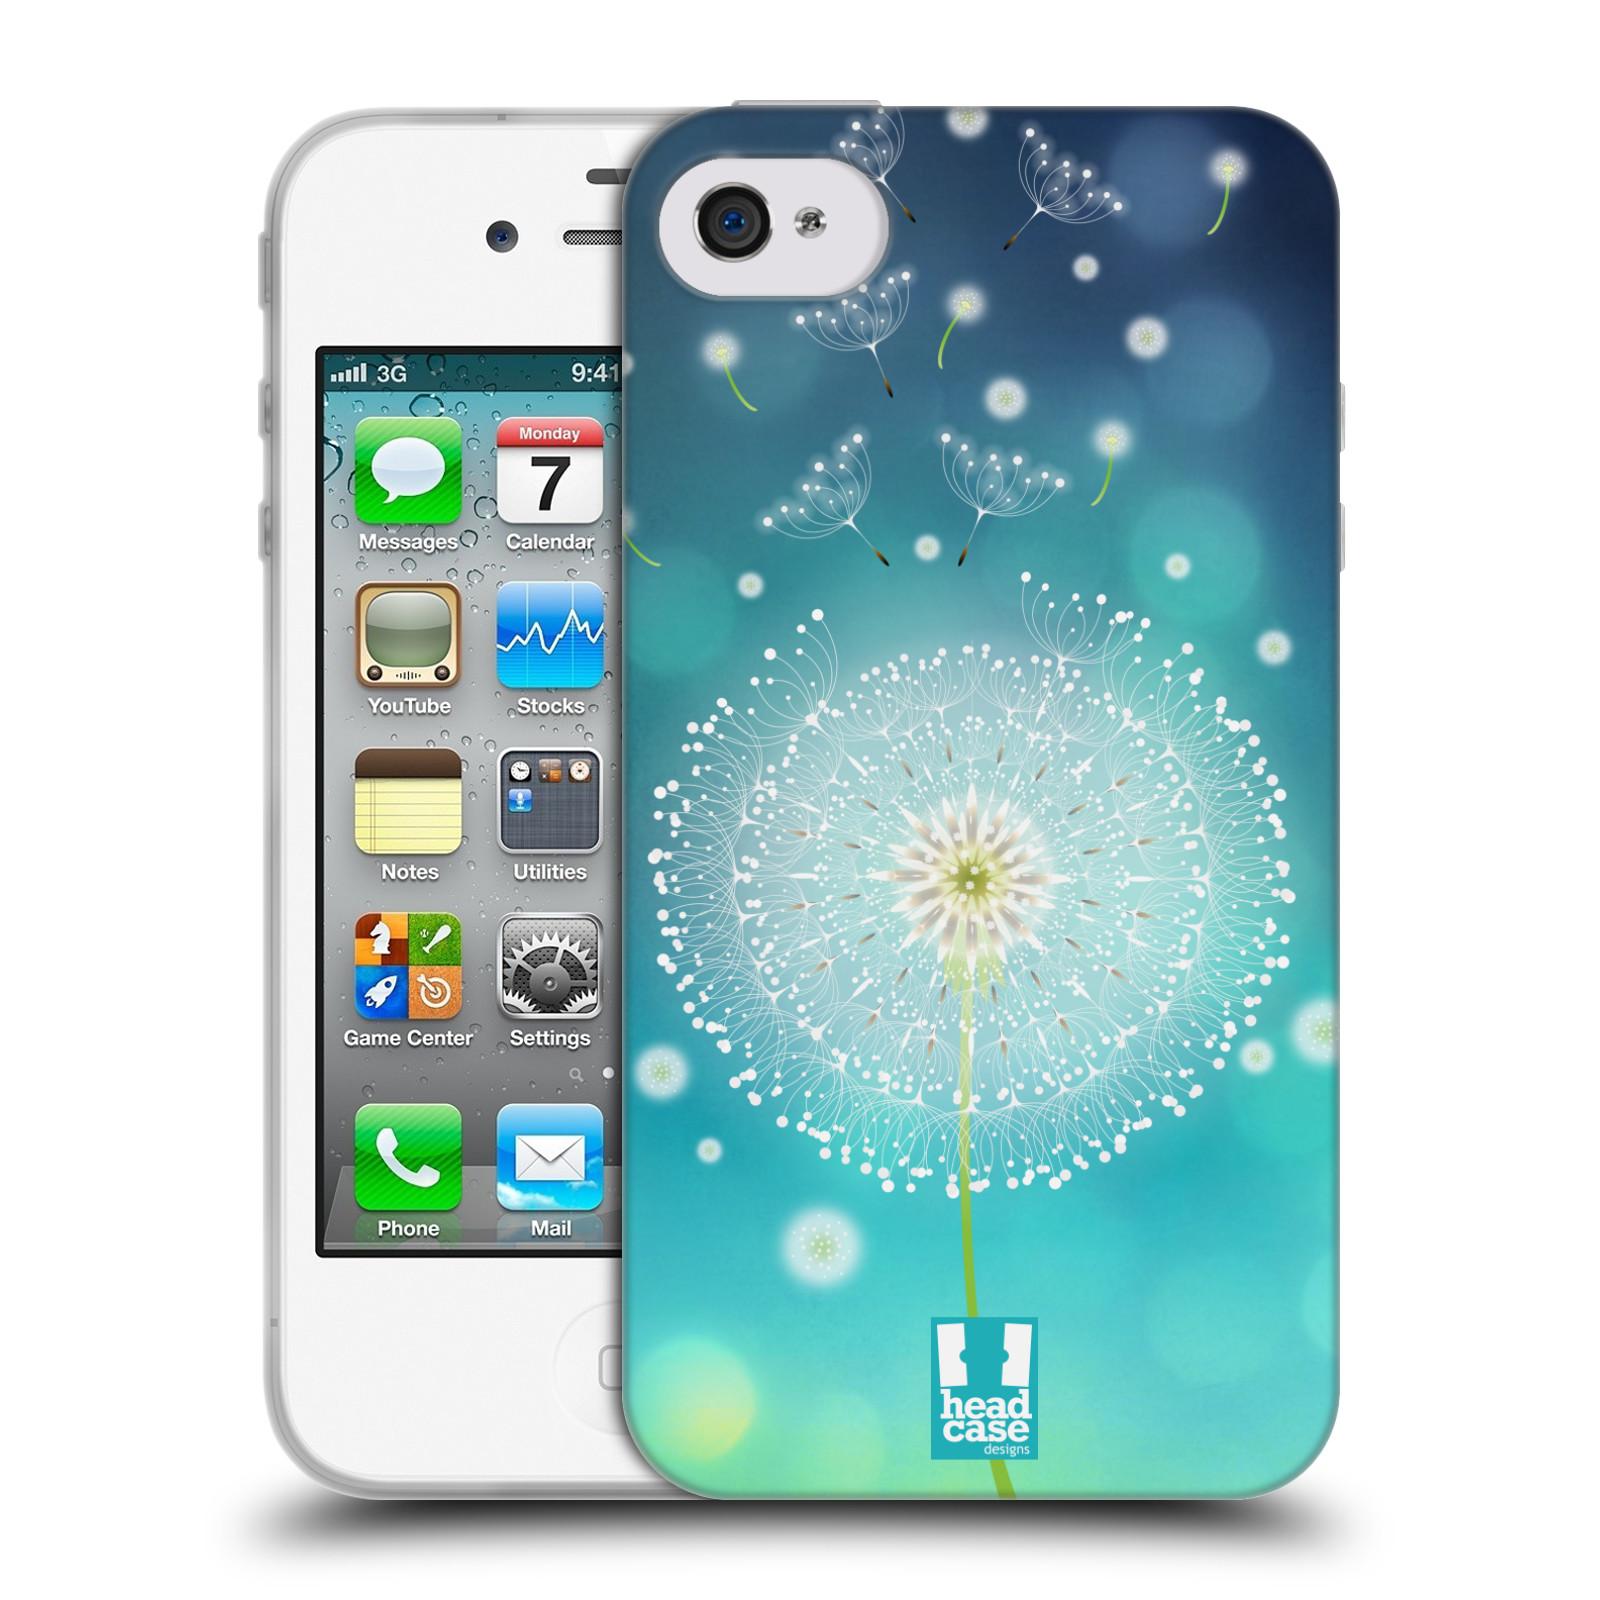 Silikonové pouzdro na mobil Apple iPhone 4 a 4S HEAD CASE Rozlétaná pampeliška (Silikonový kryt či obal na mobilní telefon Apple iPhone 4 a 4S)